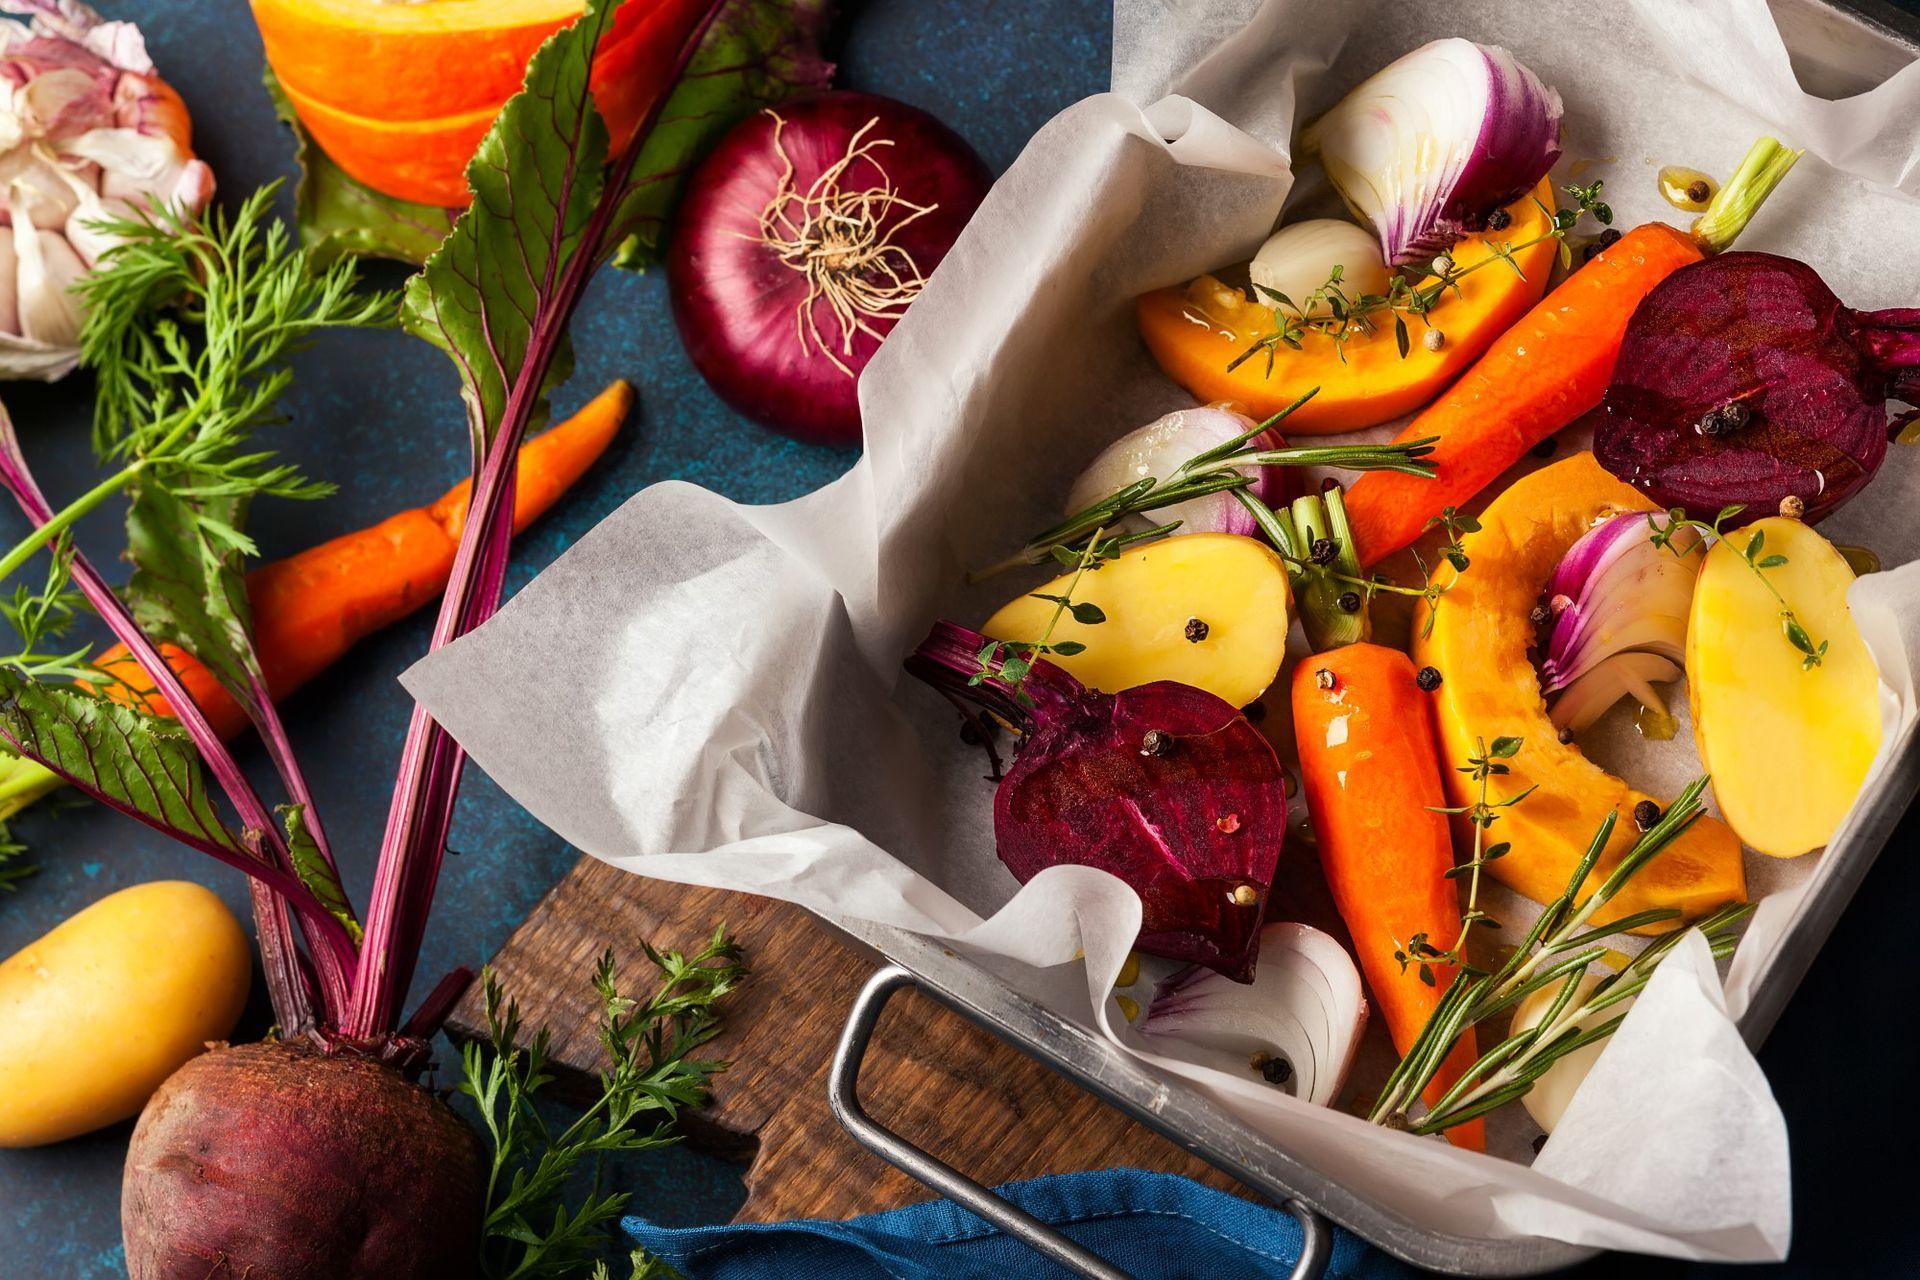 Verduras varias para una alimentación saludable